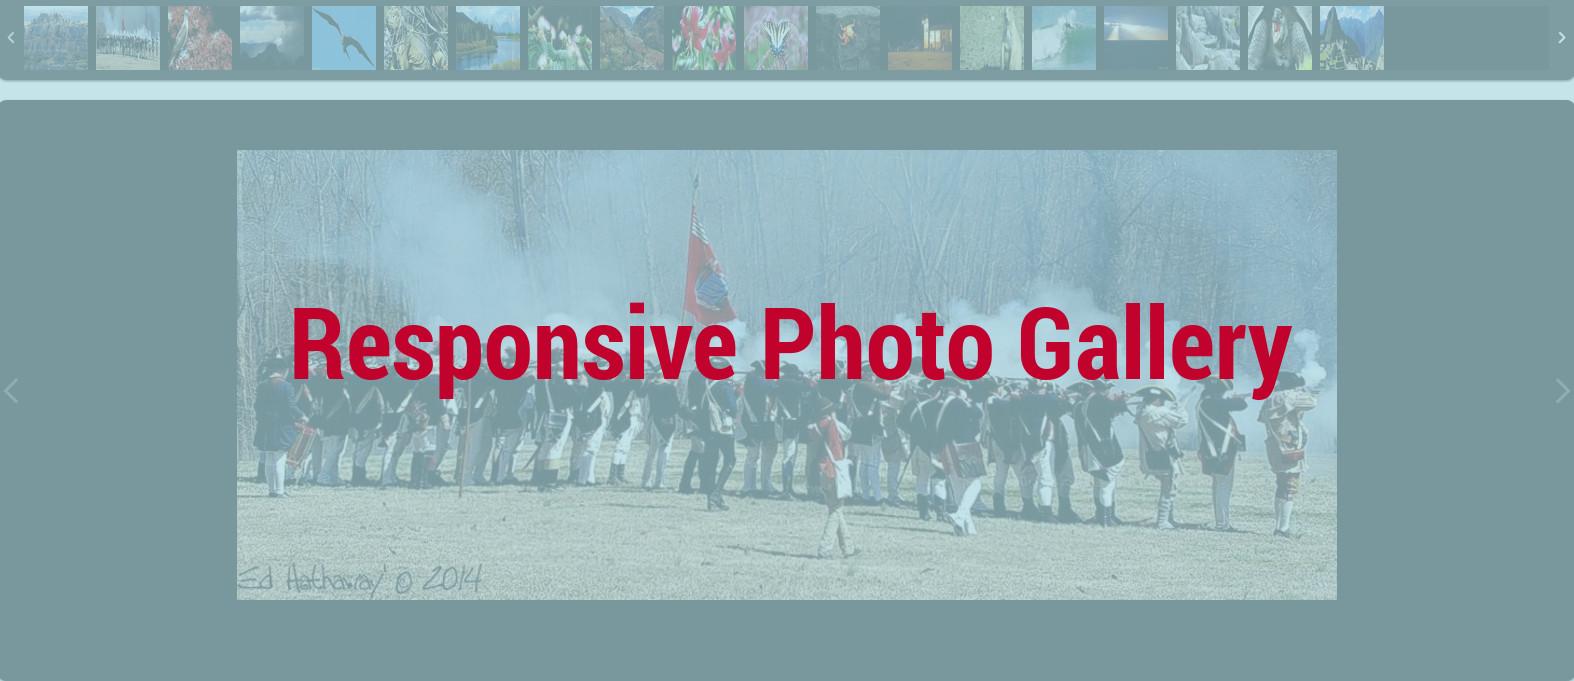 responsive-photo-gallery